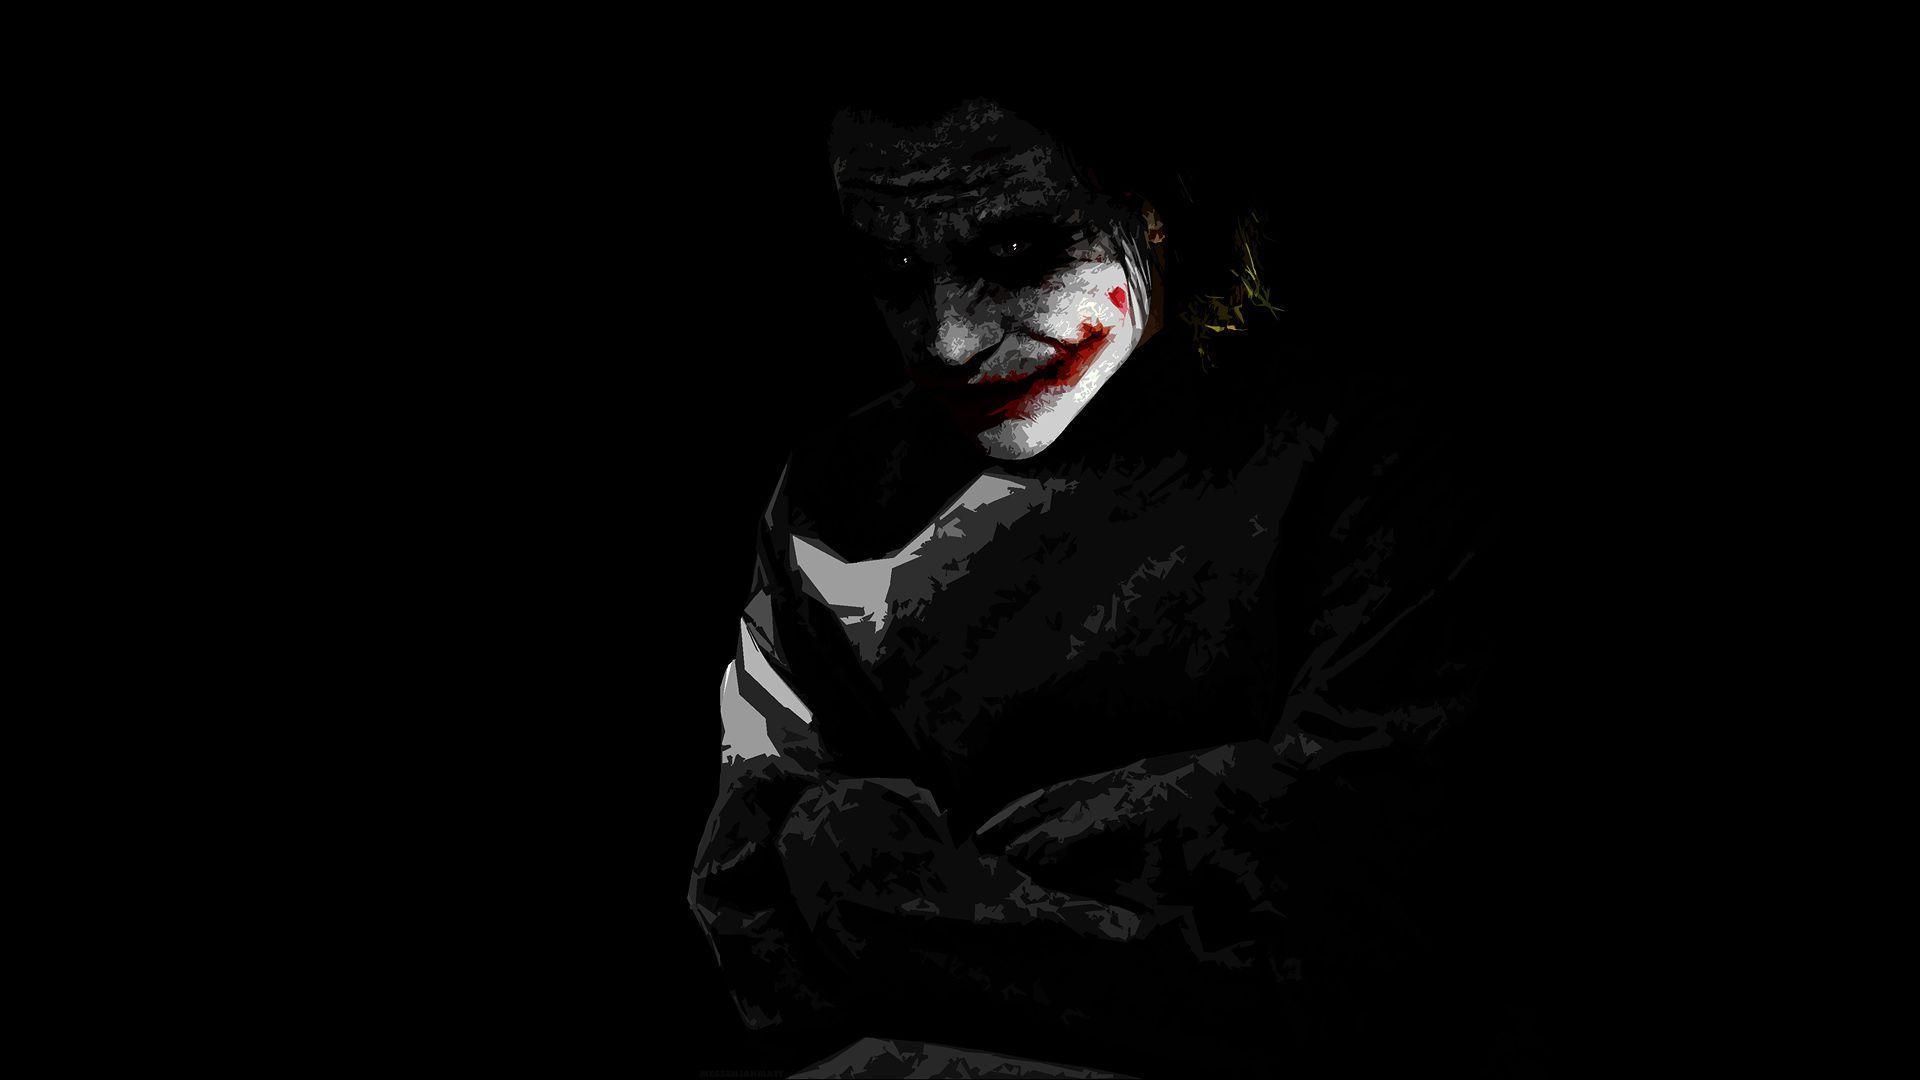 Hd wallpaper joker - Messenjahmatt Com The Dark Knight Wallpapers